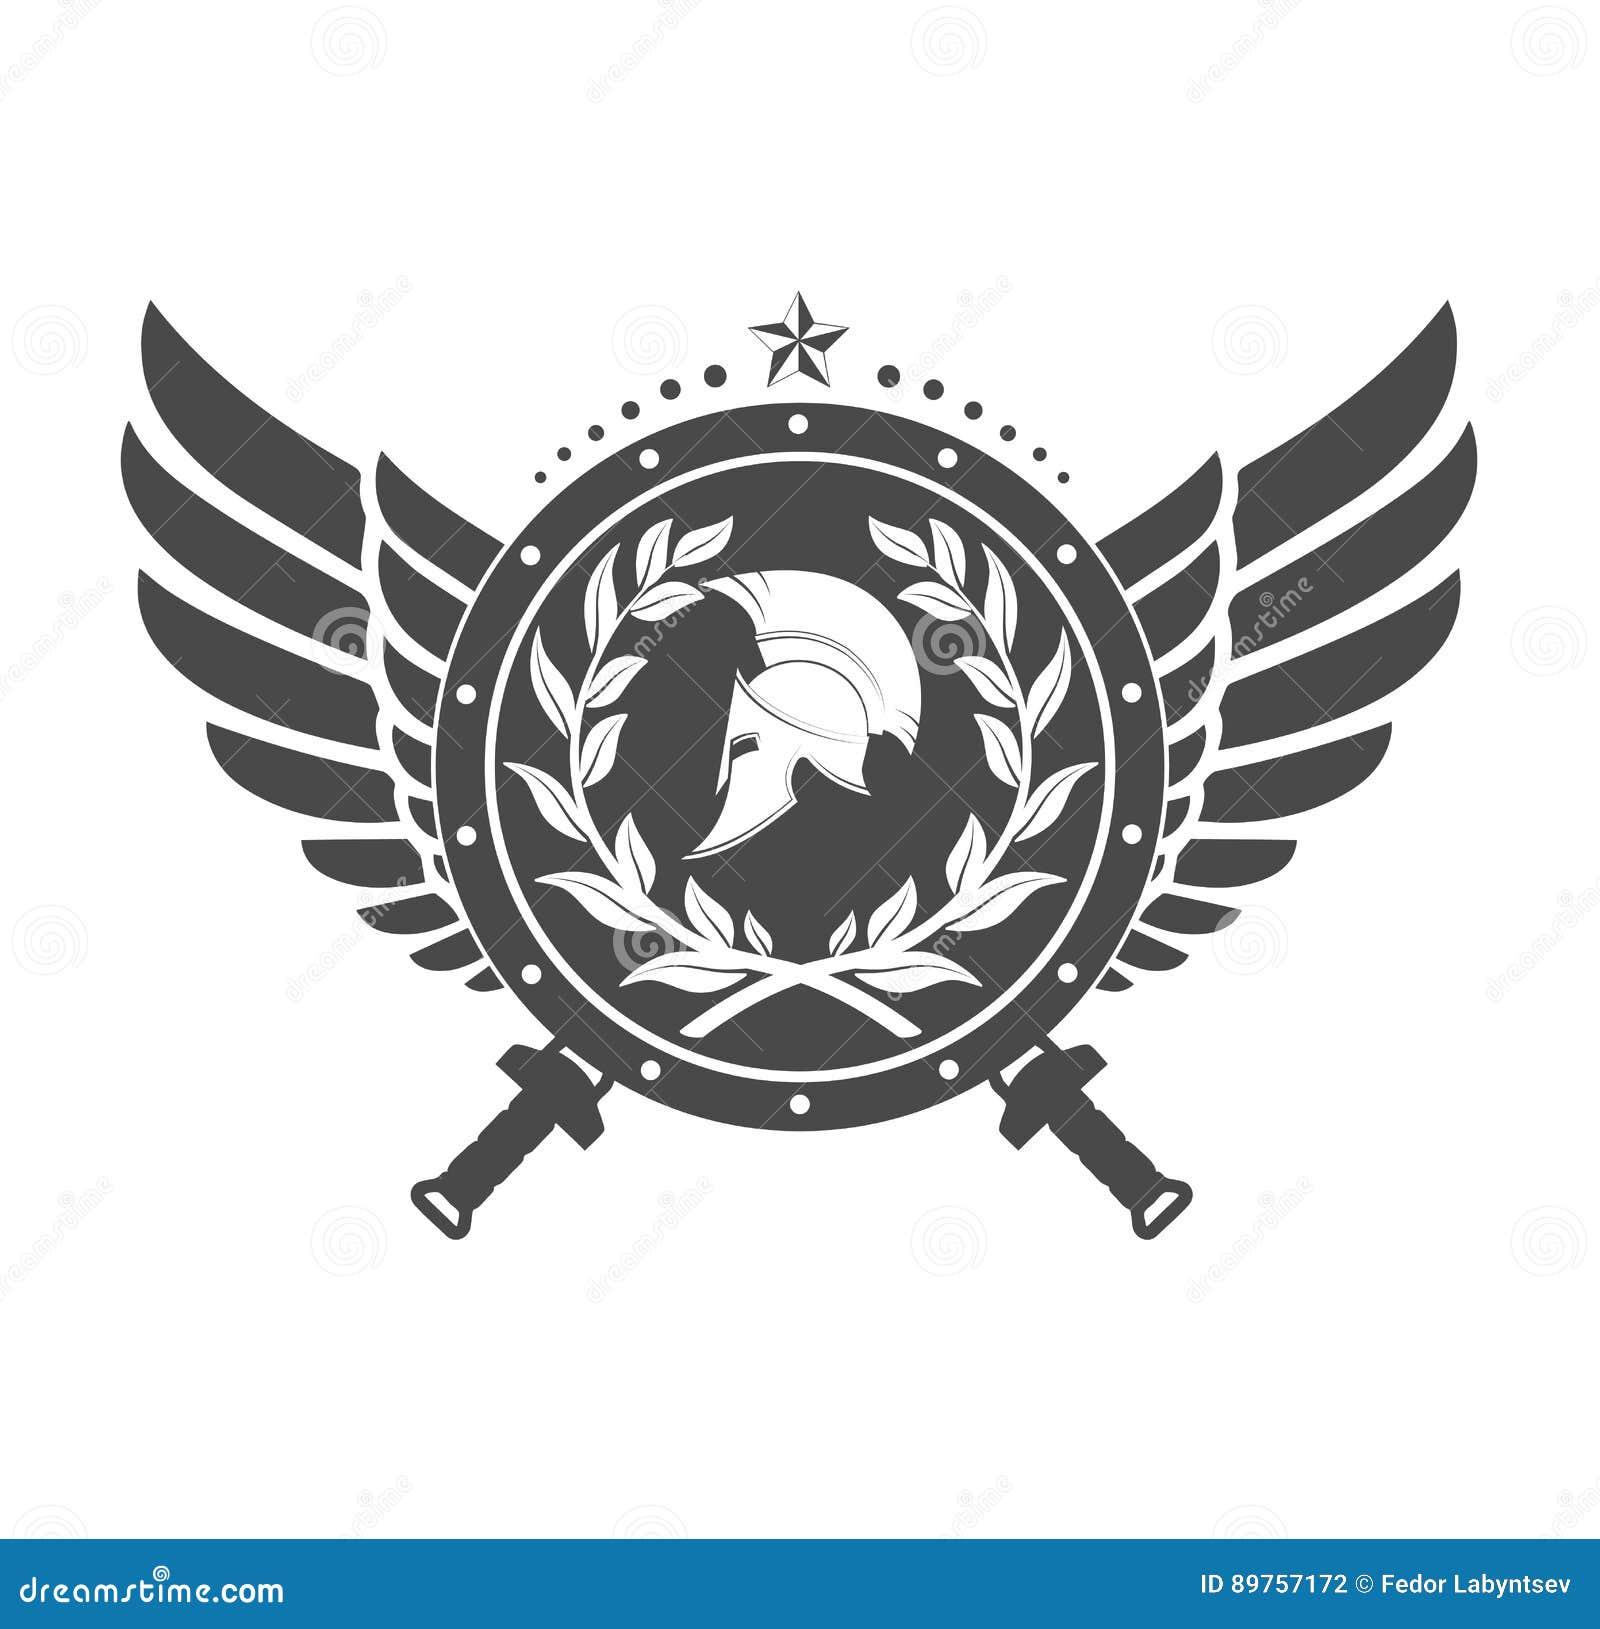 Simbolo militare un casco spartano su un bordo con fra le ali